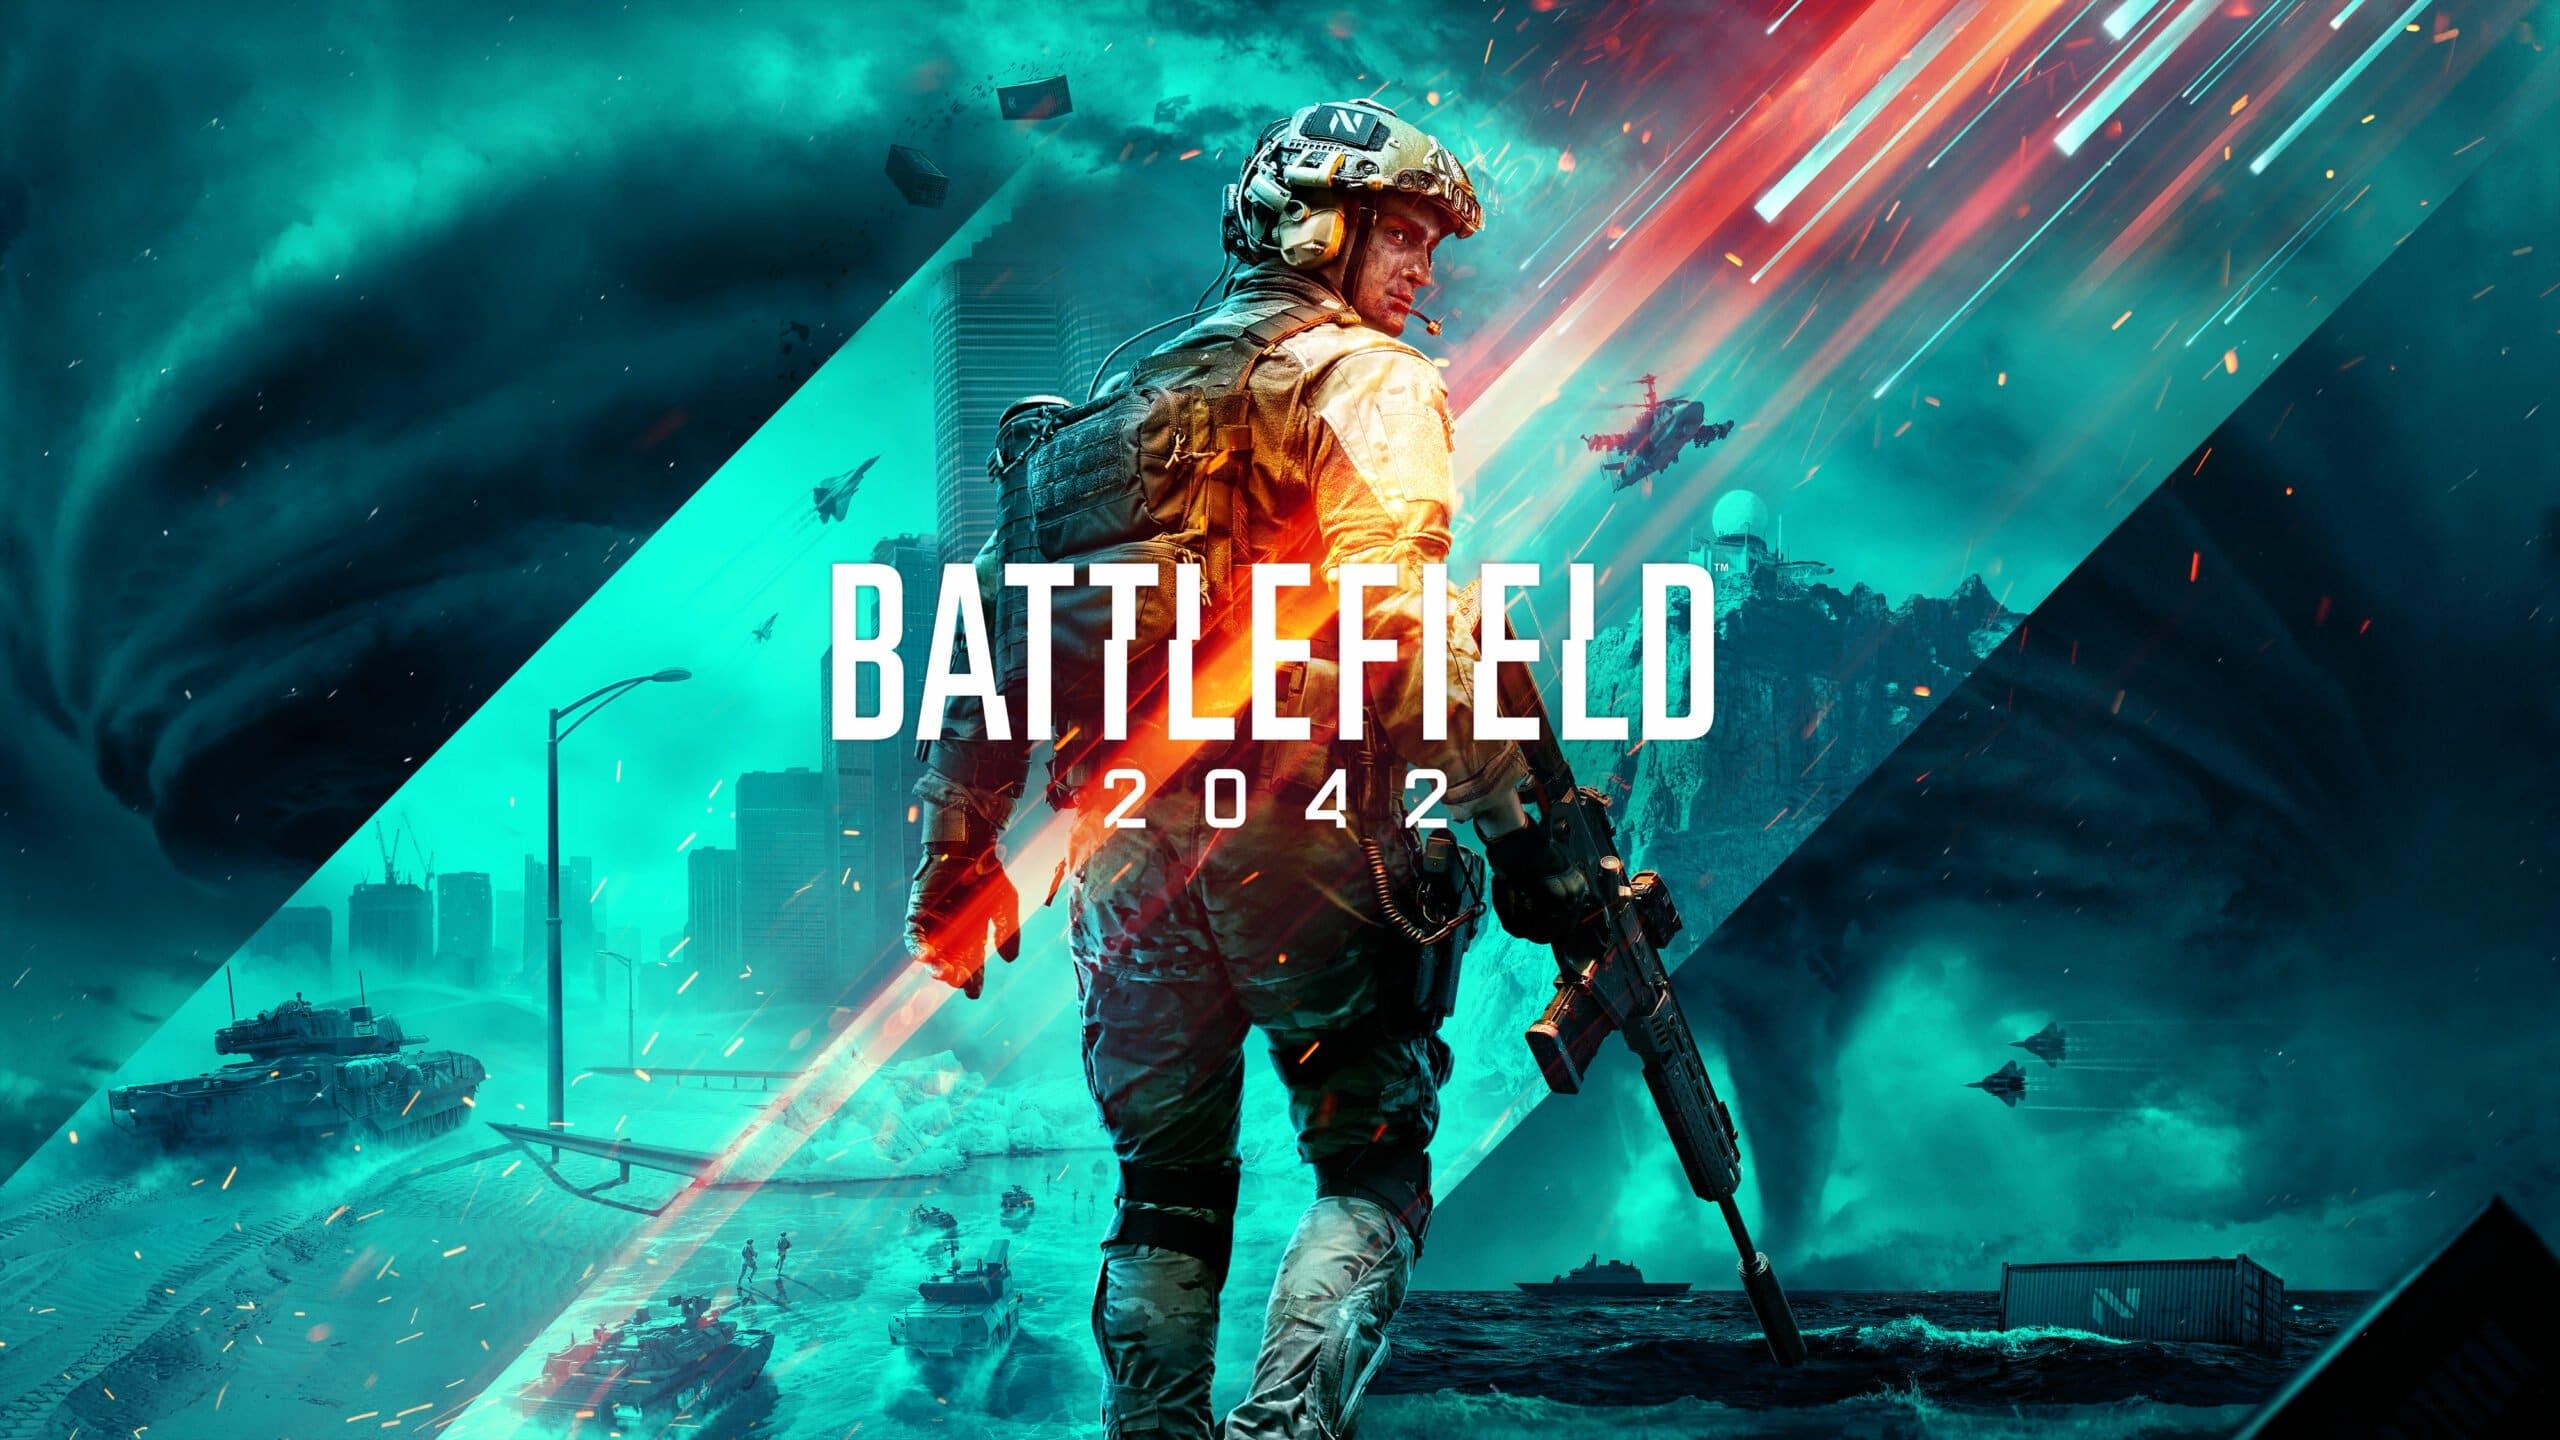 Imágenes de Battlefield 2042 muestran errores de modelos de personajes de aspecto extraño, GamersRD